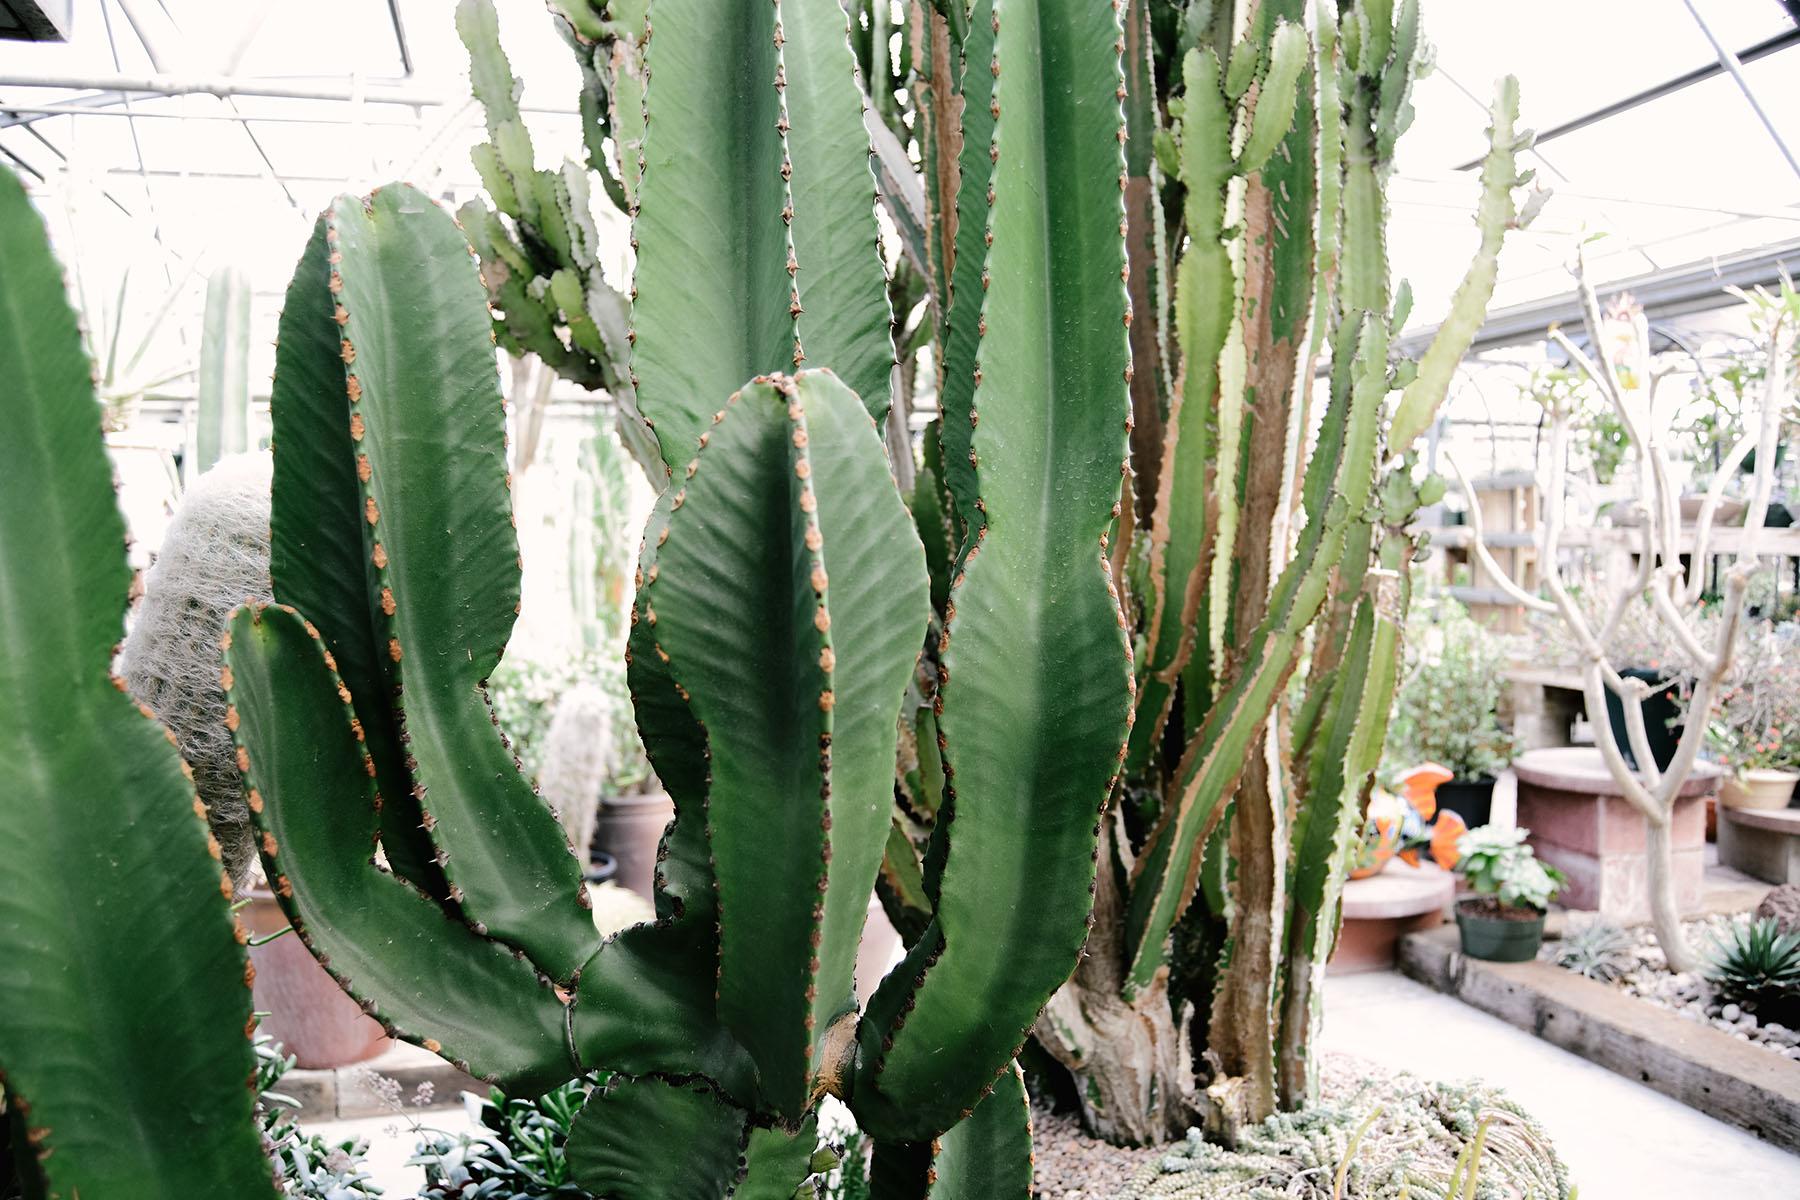 cactus-1-sm.jpg